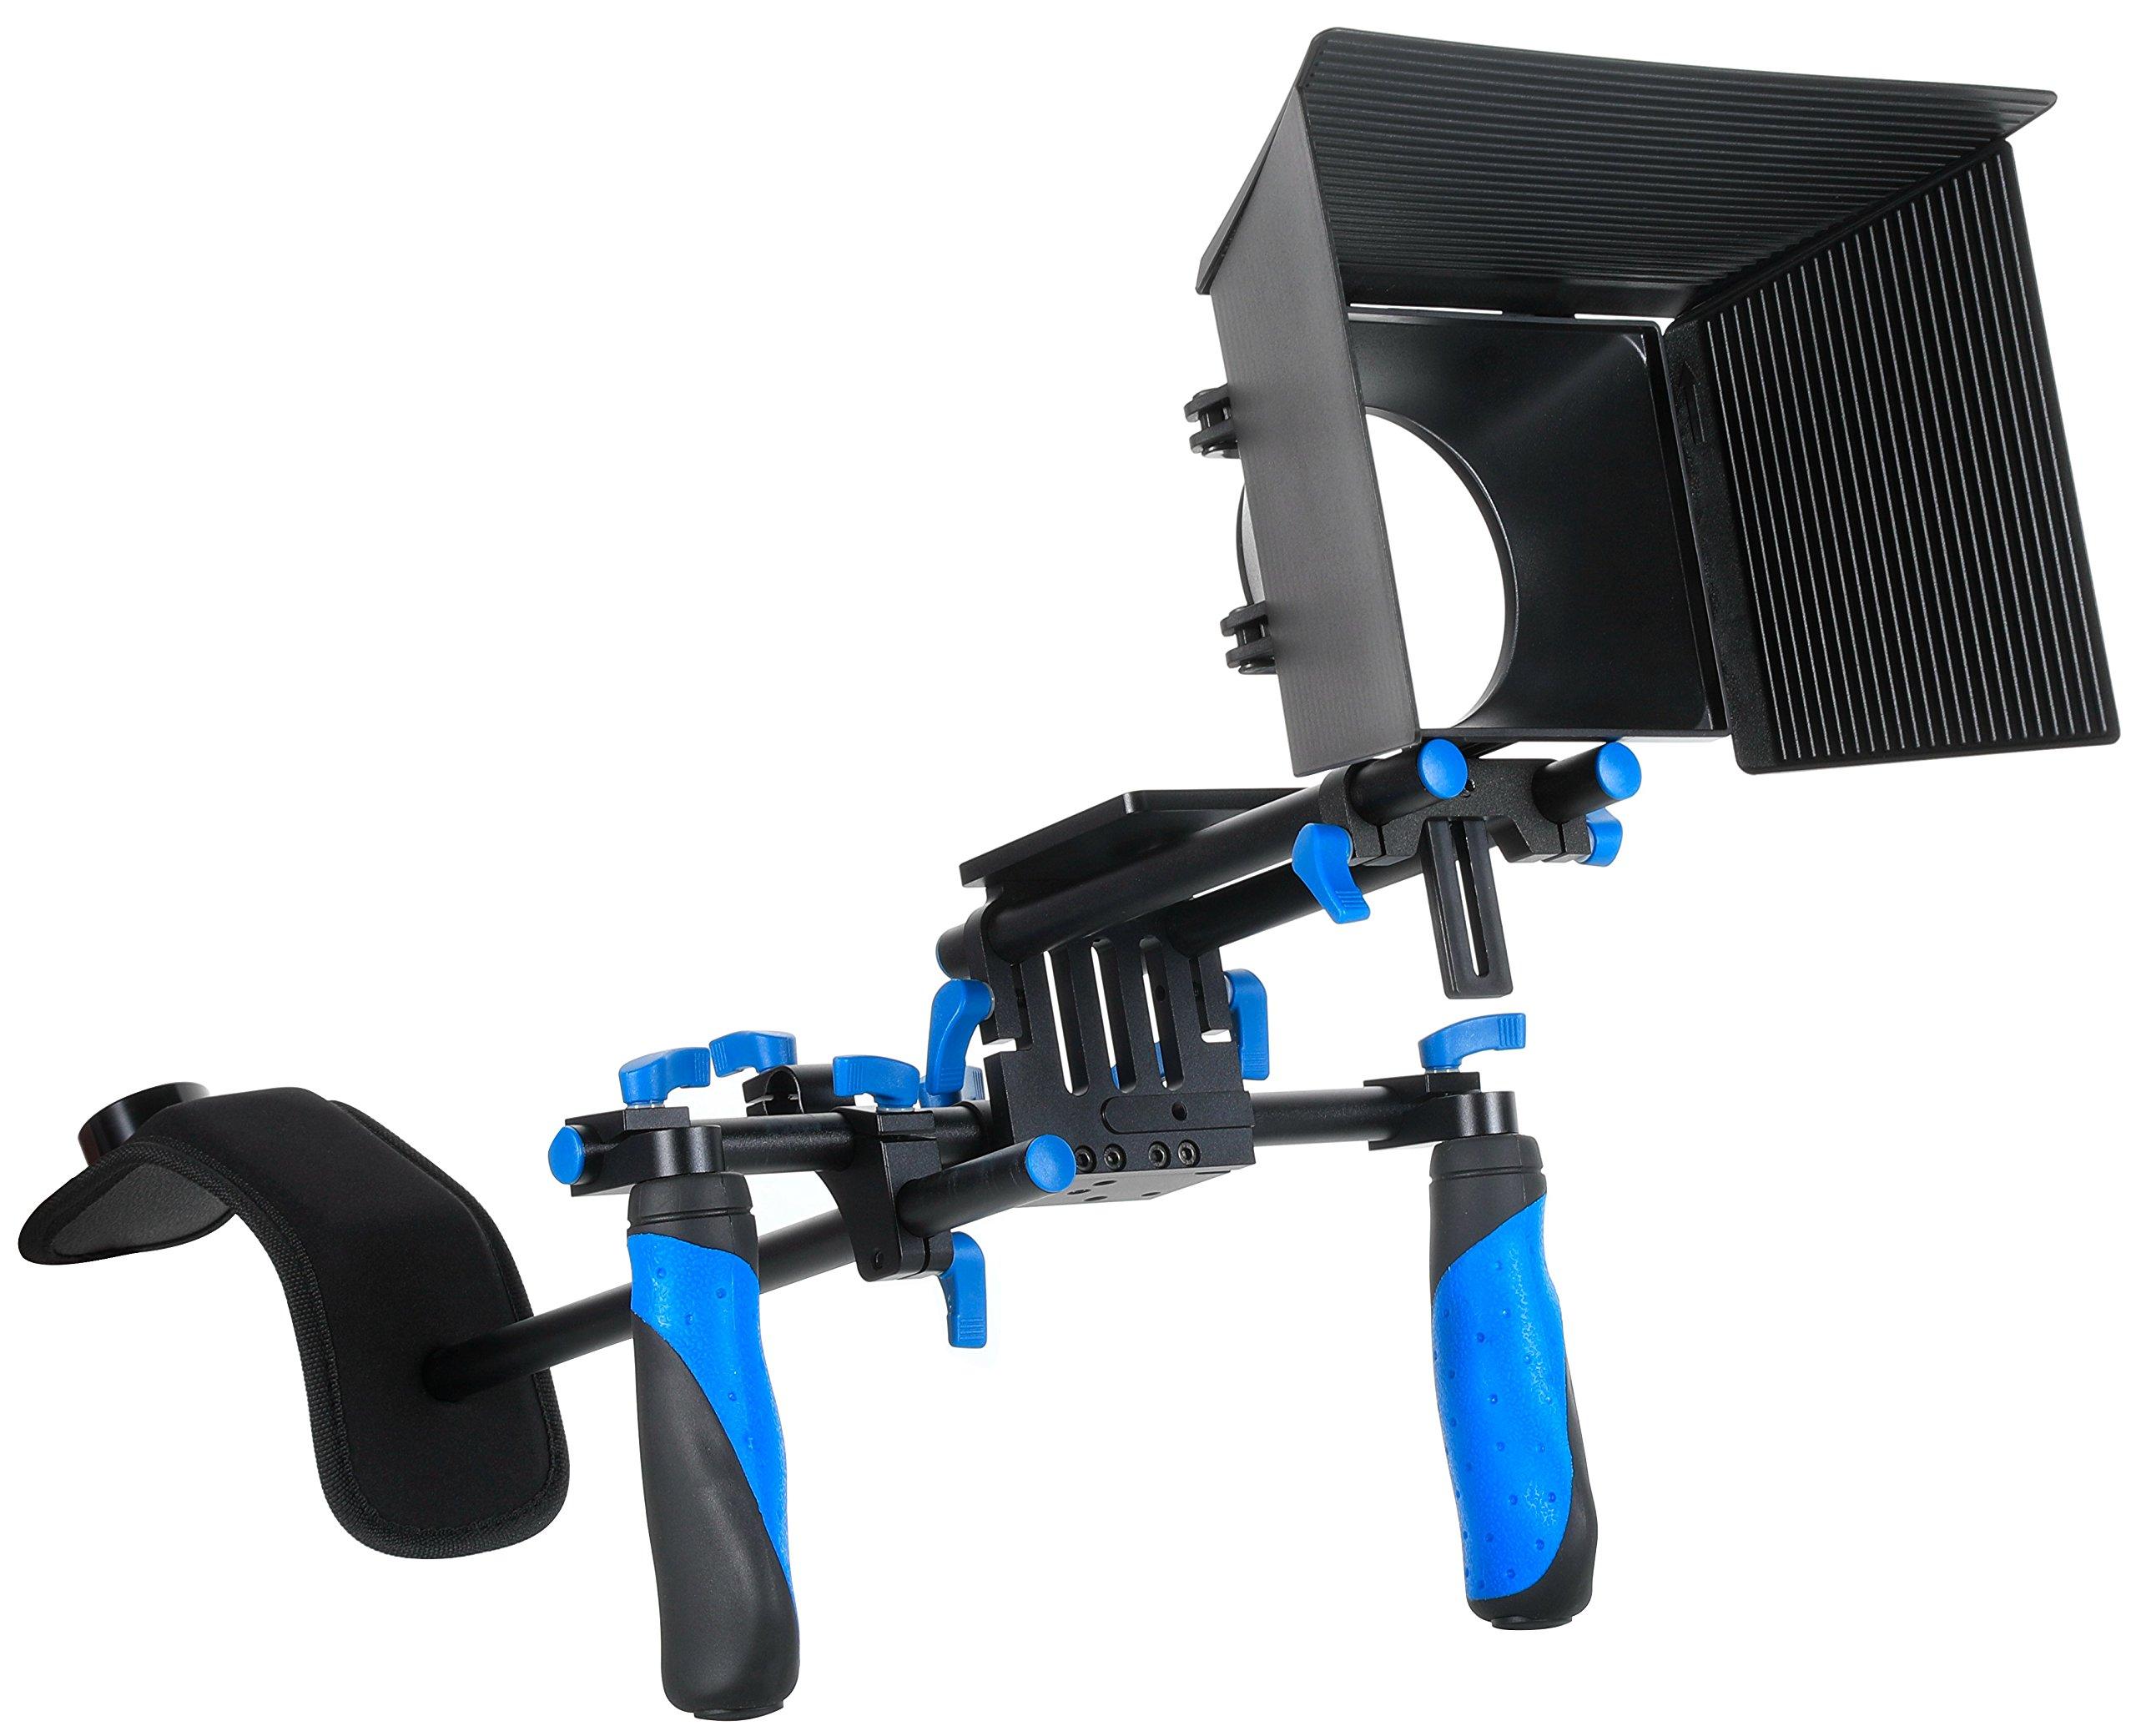 MARSRE DSLR Shoulder Rig Film Making Kit with Matte Box For All DSLR Video Cameras and DV Camcorders